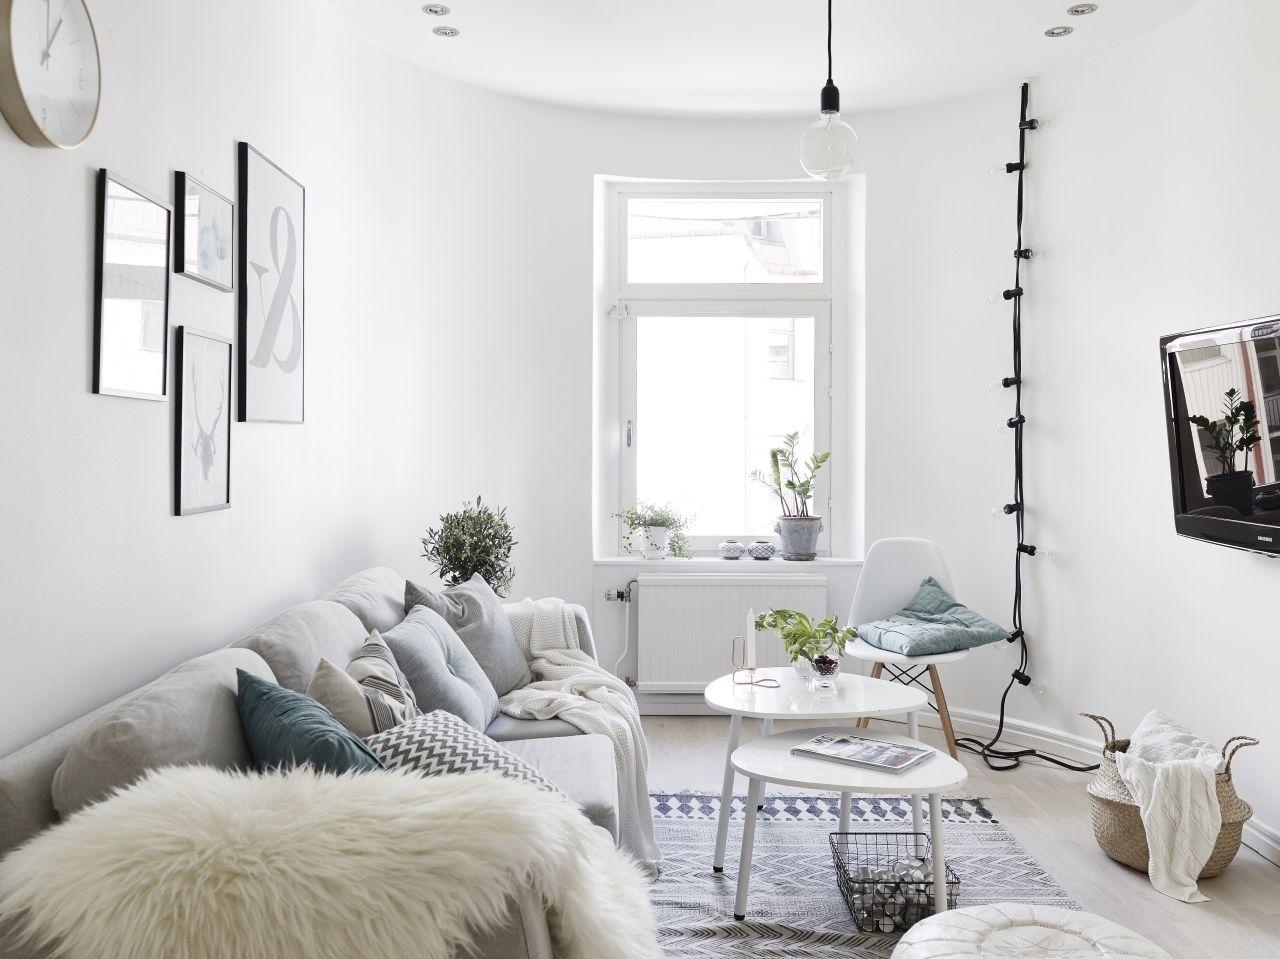 Wohnraumgestaltung: Einrichtungsstil Übersicht + 7 Ideen